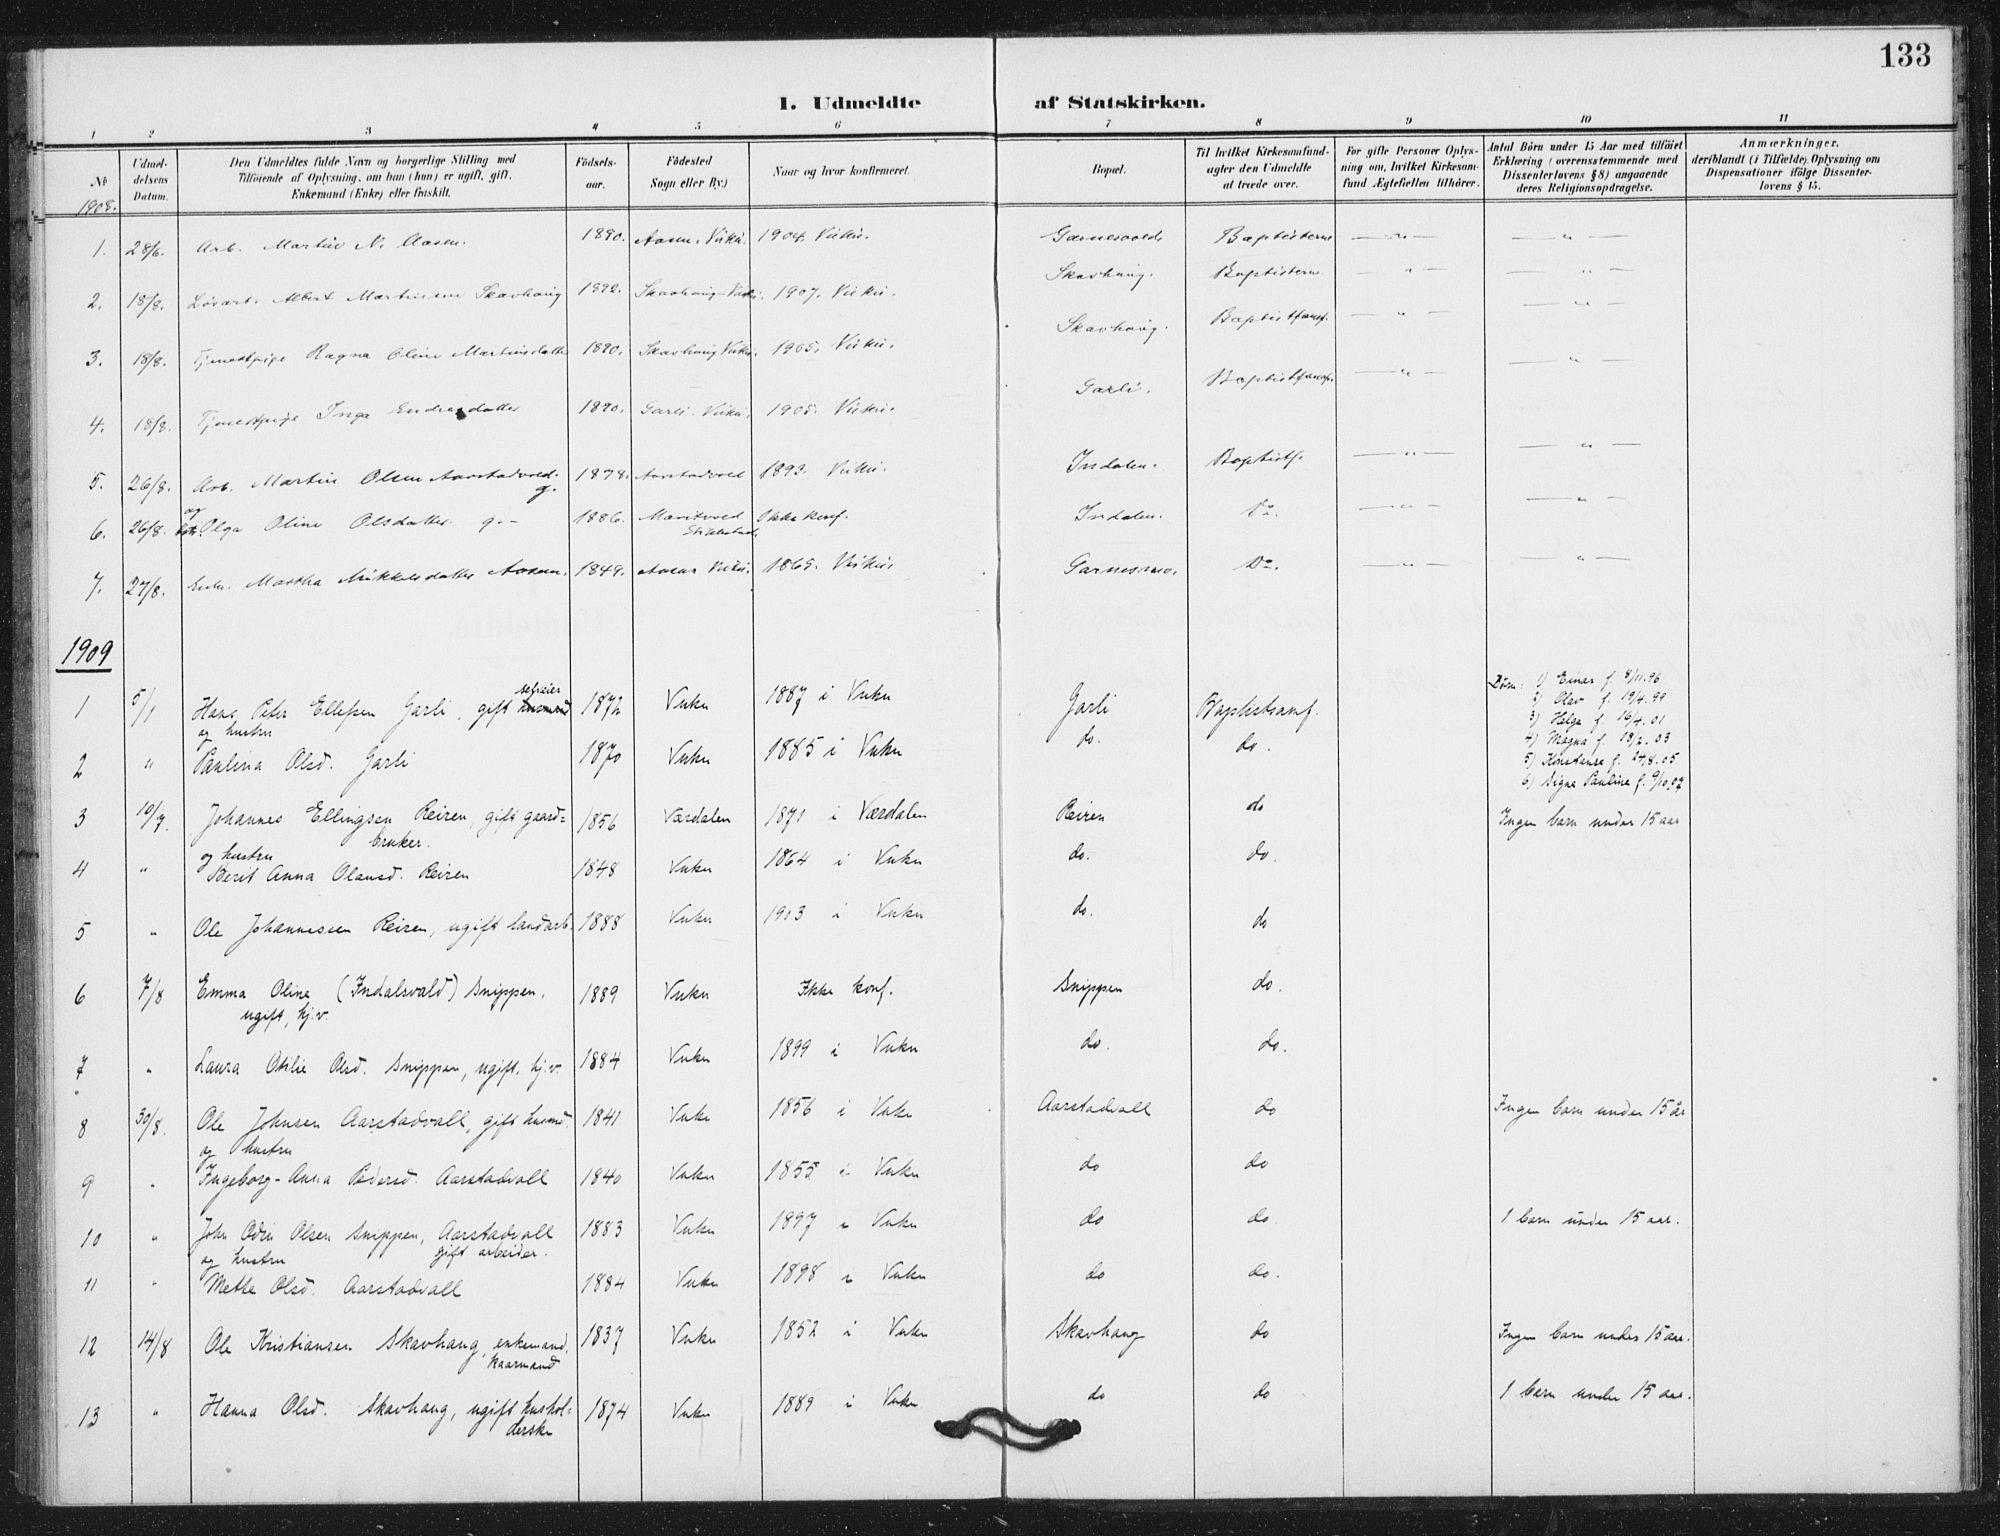 SAT, Ministerialprotokoller, klokkerbøker og fødselsregistre - Nord-Trøndelag, 724/L0264: Ministerialbok nr. 724A02, 1908-1915, s. 133